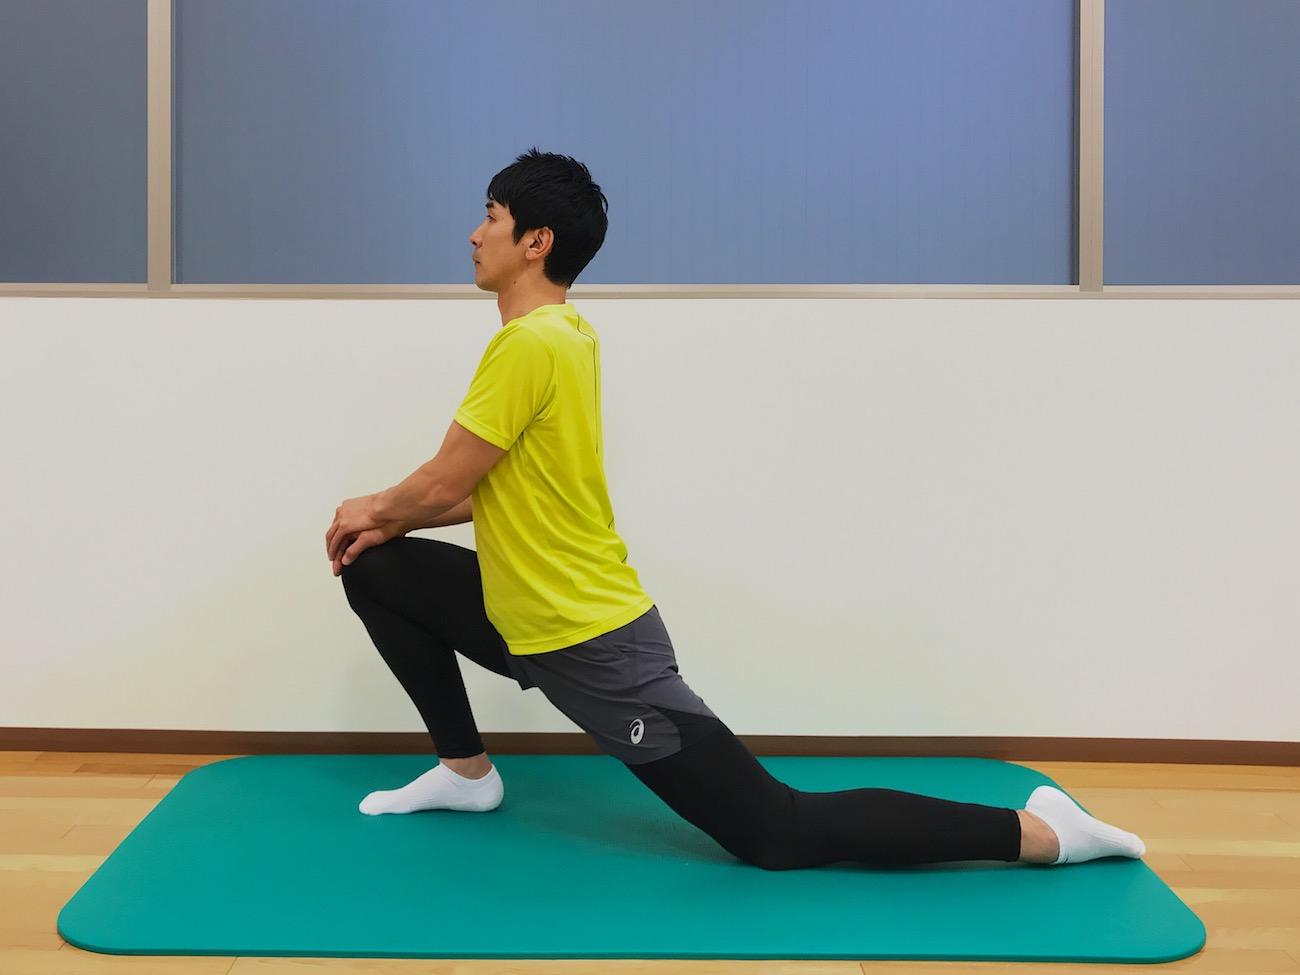 もも前〜骨盤前の筋肉(腸腰筋・大腿直筋)のストレッチの方法